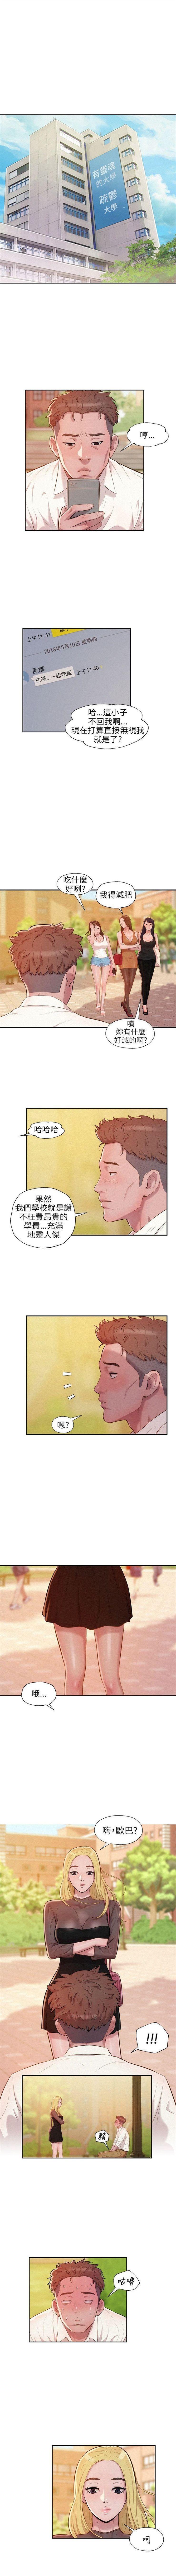 新生淫乱日记 1-61完结(中文) 76